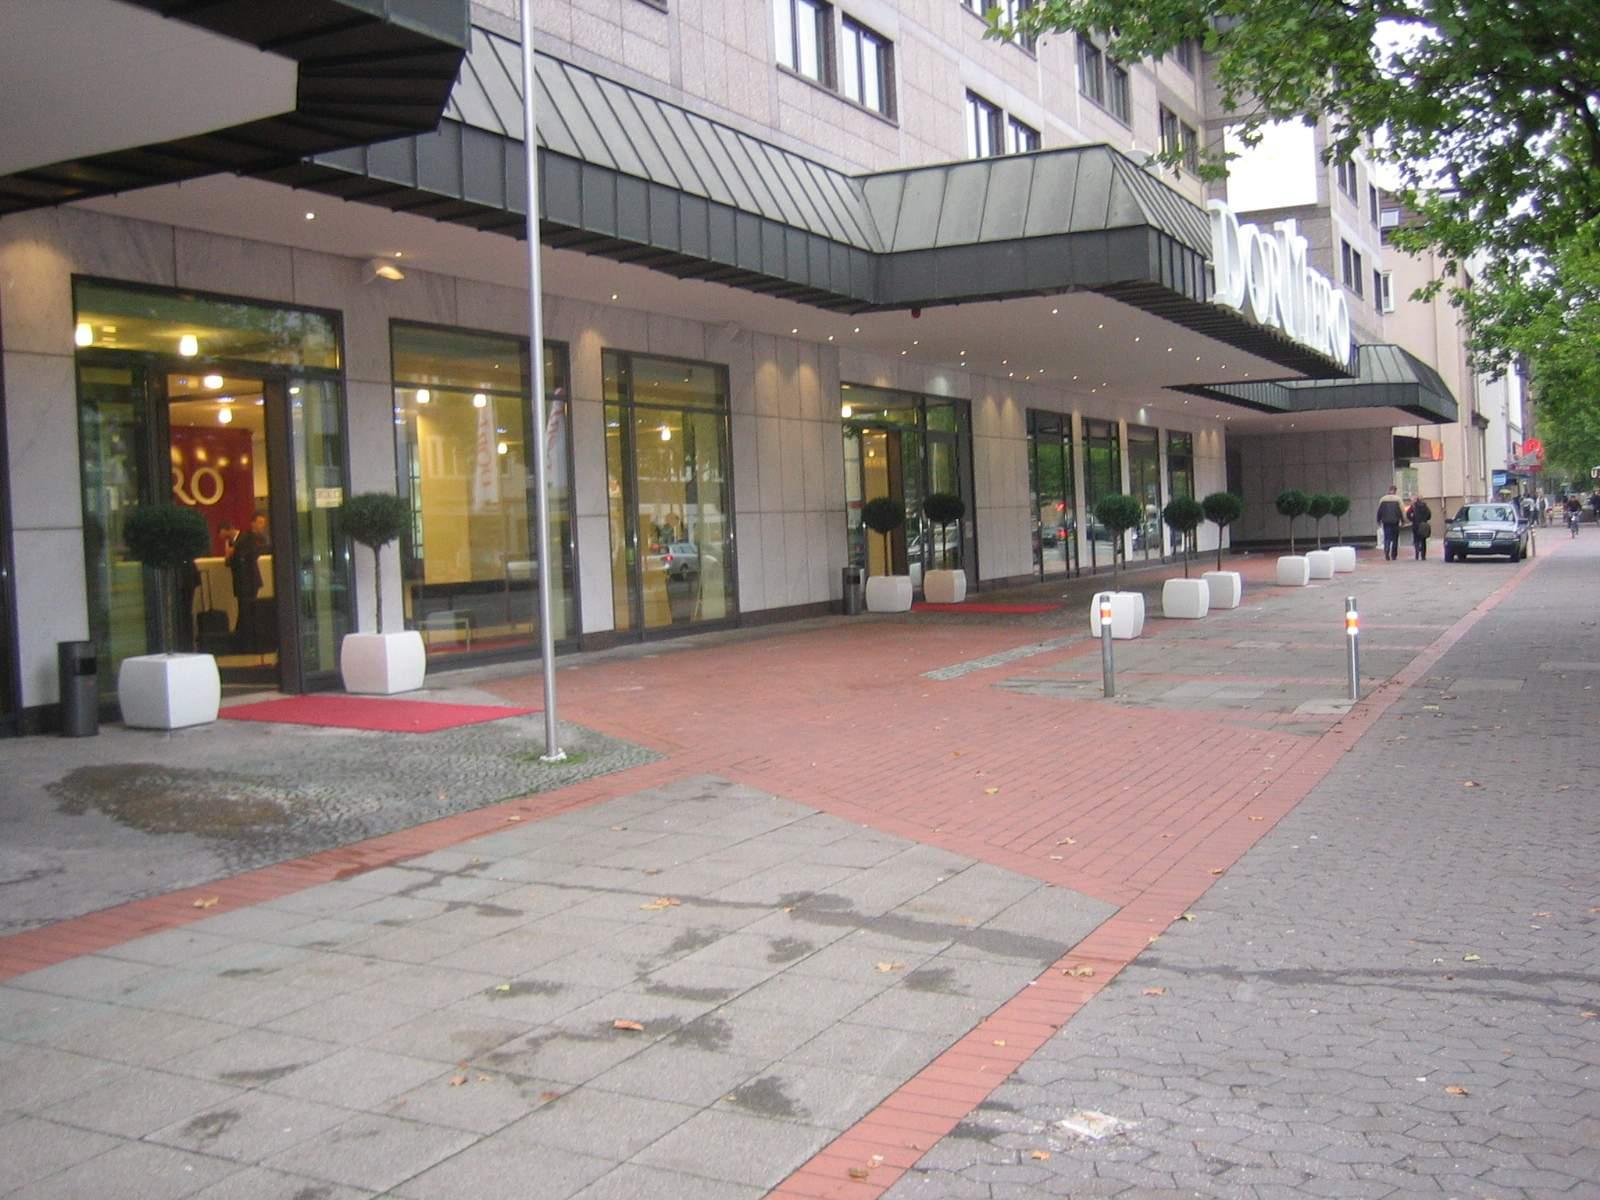 blumenkuebel_hotel_dormero_hannover_2